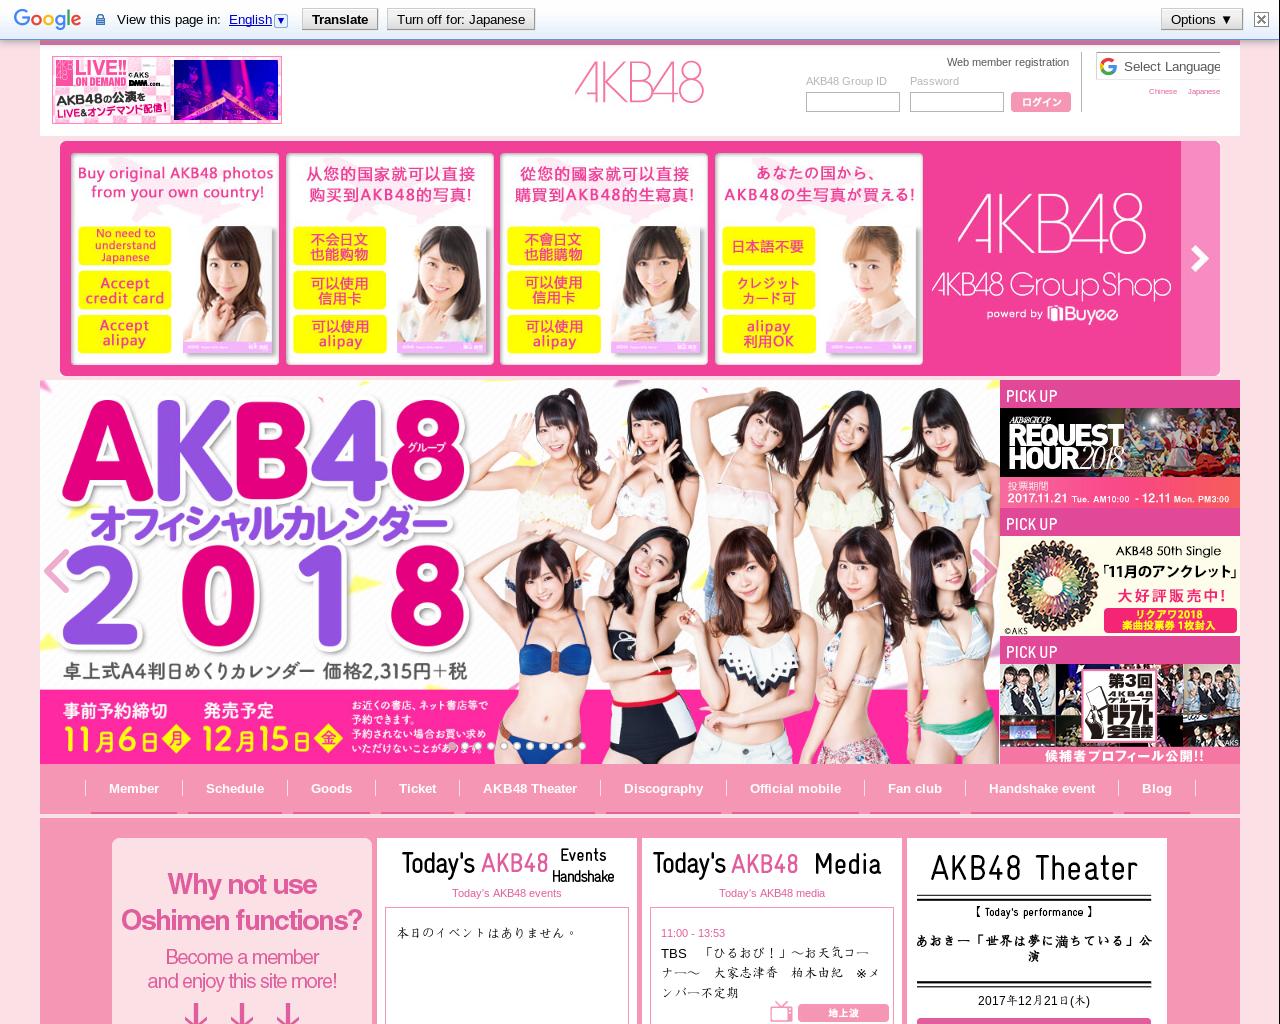 www.akb48.co.jp(2017/12/21 11:30:41)